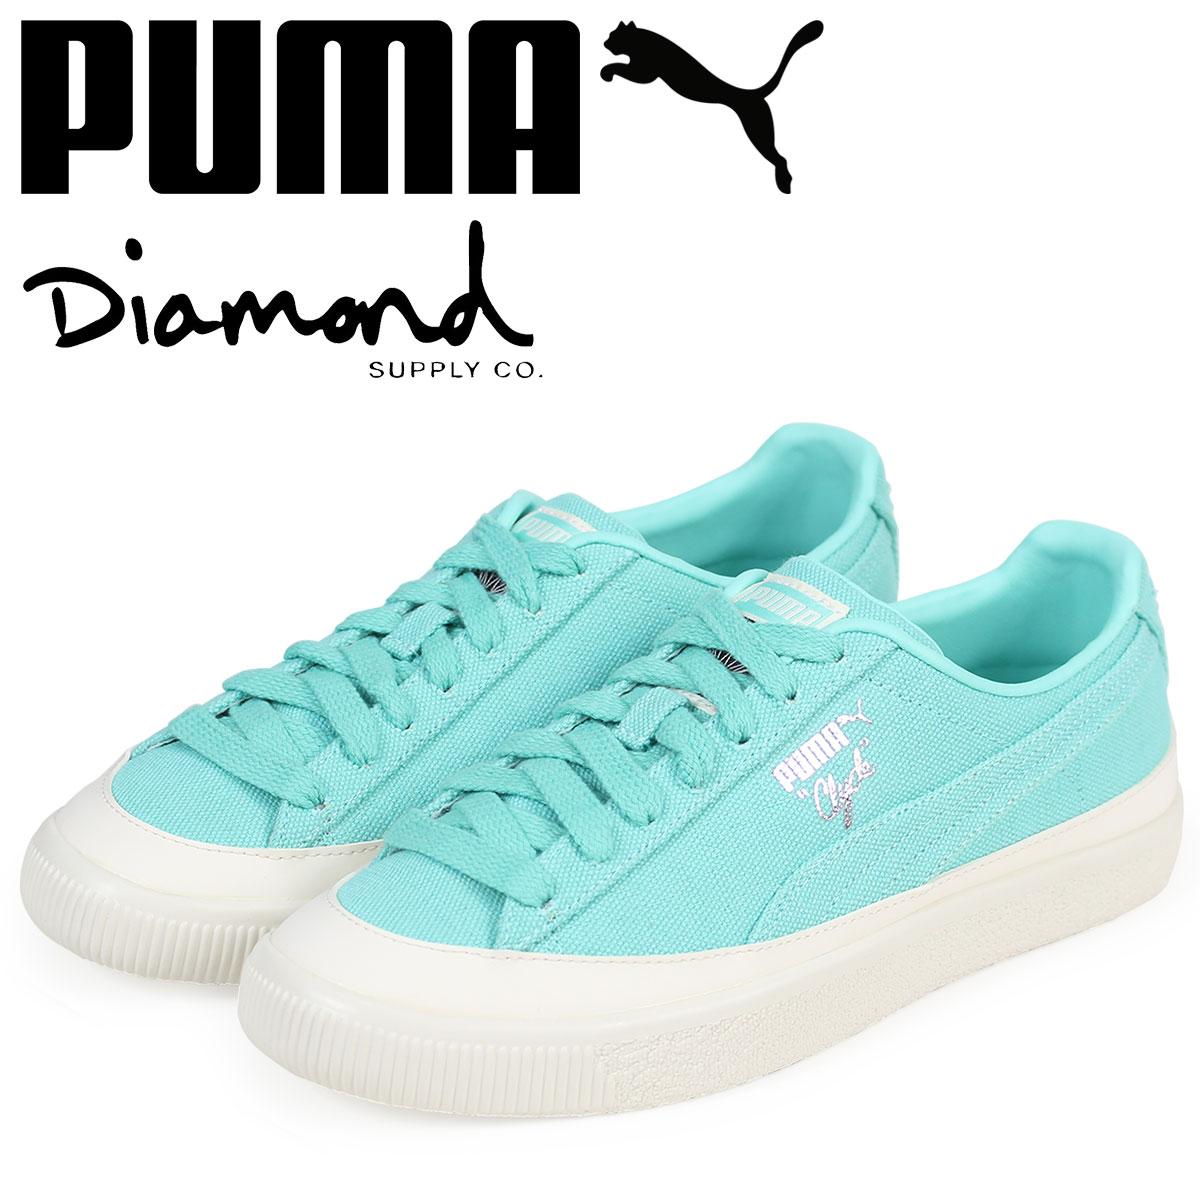 PUMA プーマ クライド スニーカー メンズ ダイヤモンドサプライ CLYDE DIAMOND コラボ 365651-01 ブルー